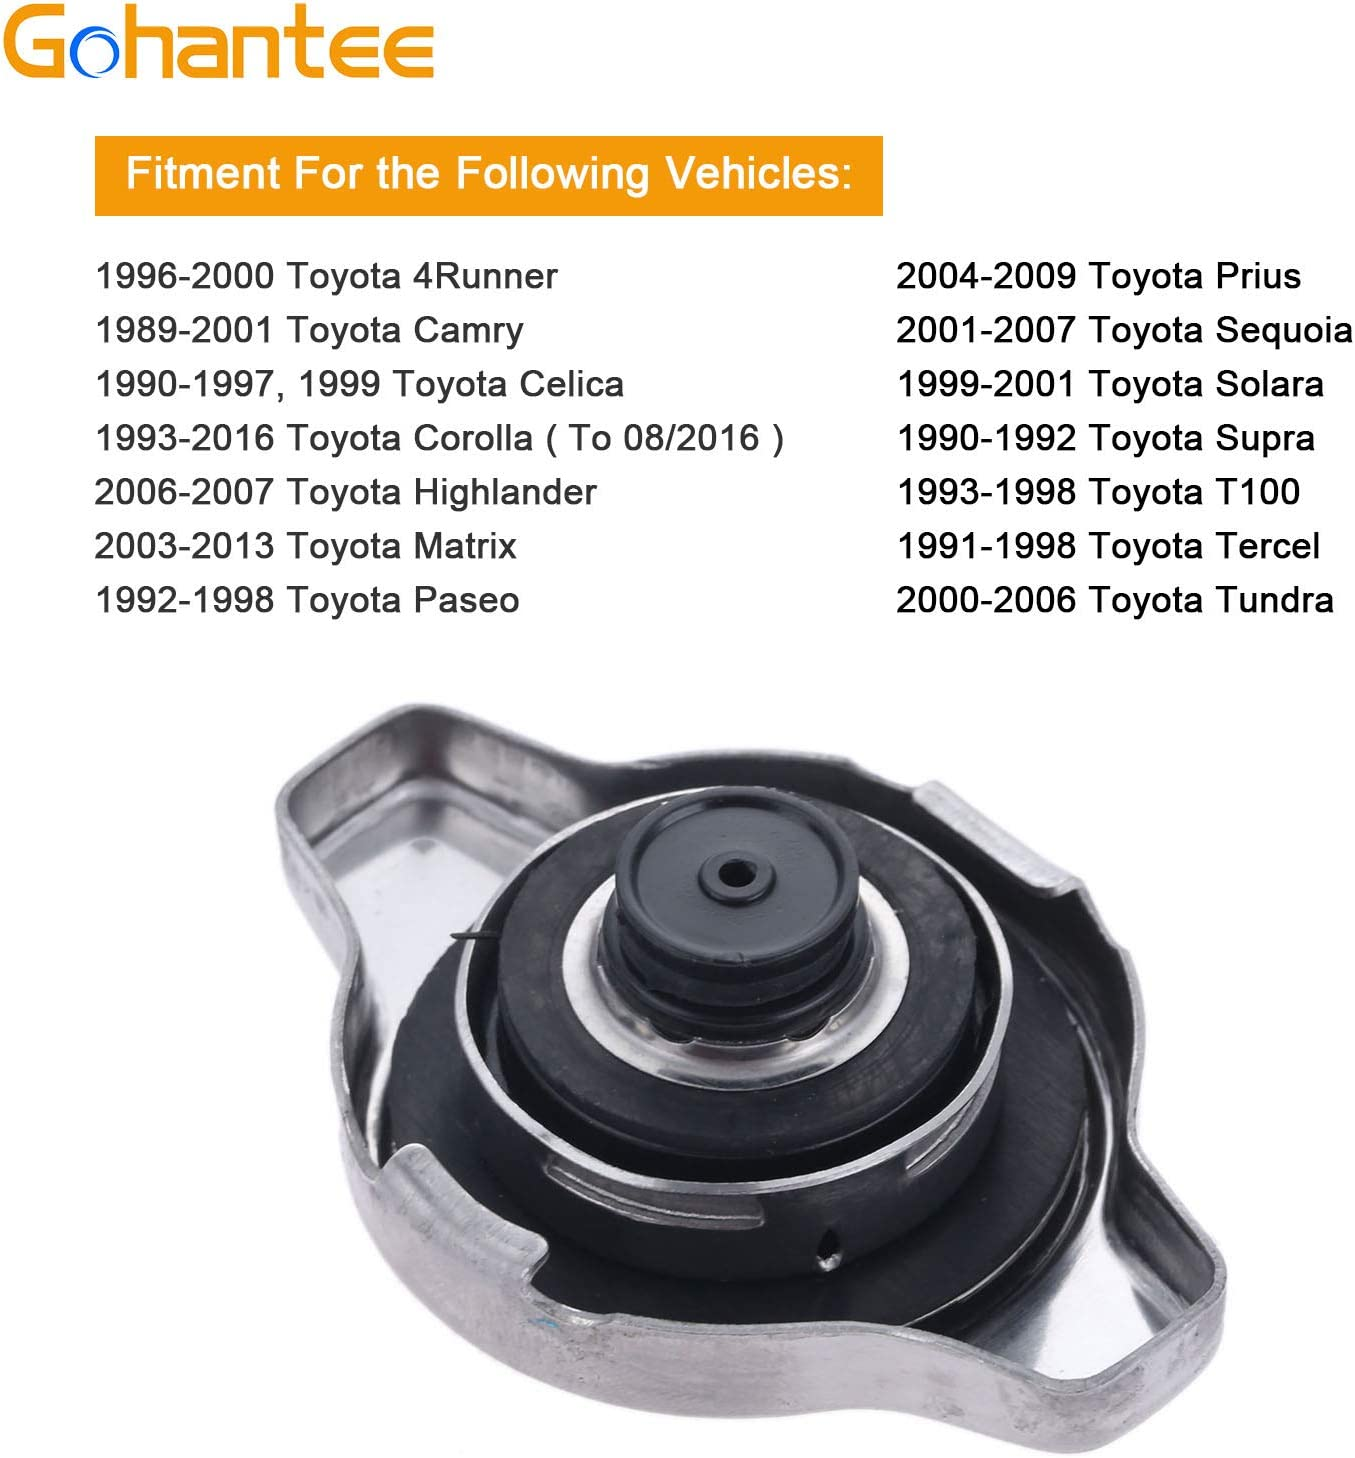 Toyota Matrix Prius Sequoia More Replace 16401-20353 1993-2016 ...